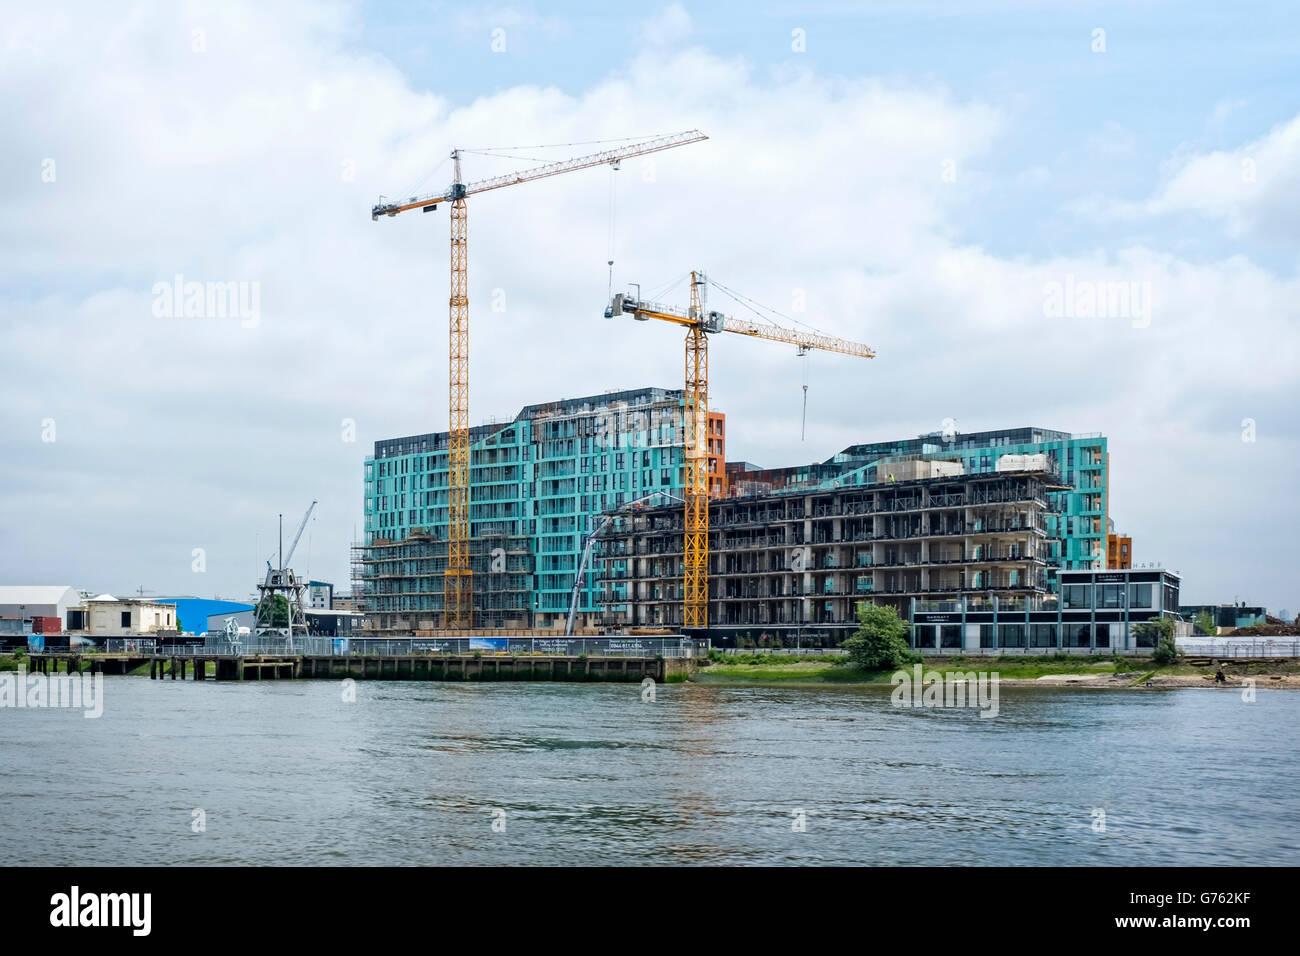 Londres, Greenwich, Enderby quai. Dans le neuf, des appartements de luxe et terminal de croisière sur la Tamise. Banque D'Images